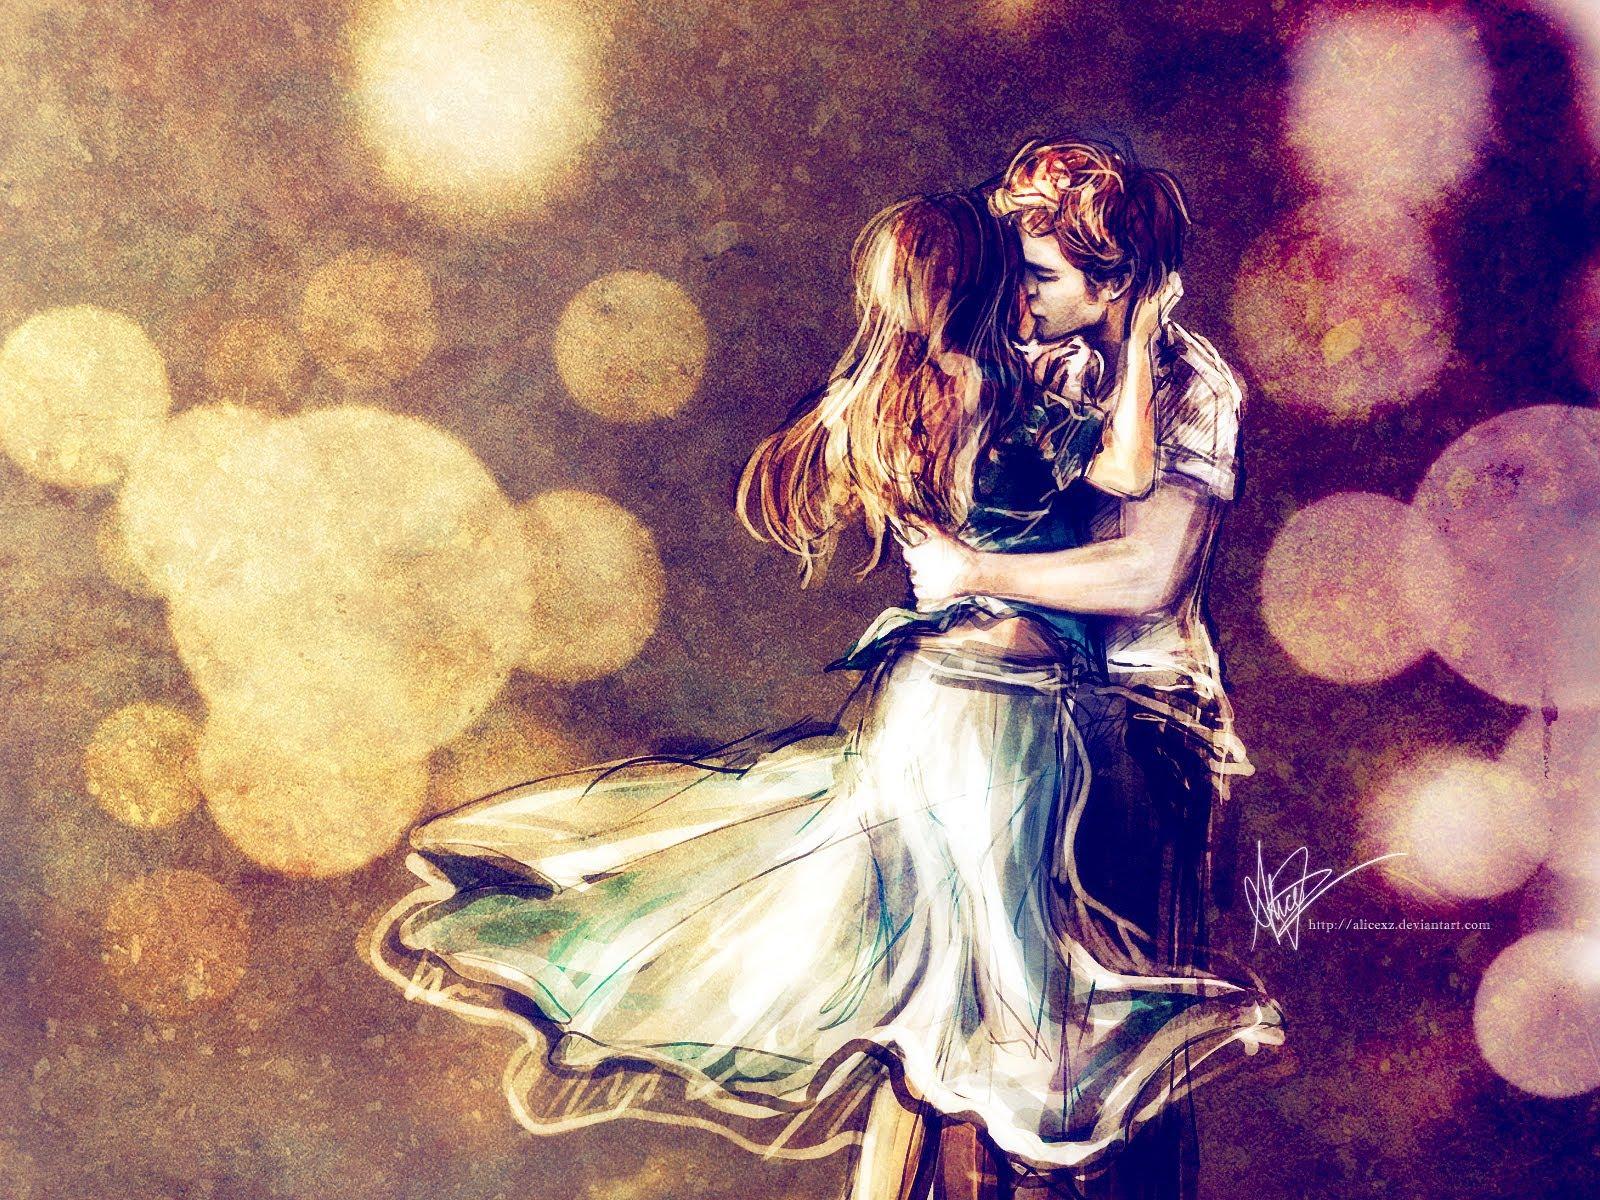 http://1.bp.blogspot.com/_KhNzwCAG7d4/TKno_eCcJOI/AAAAAAAAAeQ/ywsf0b-ilkA/s1600/dance.bmp